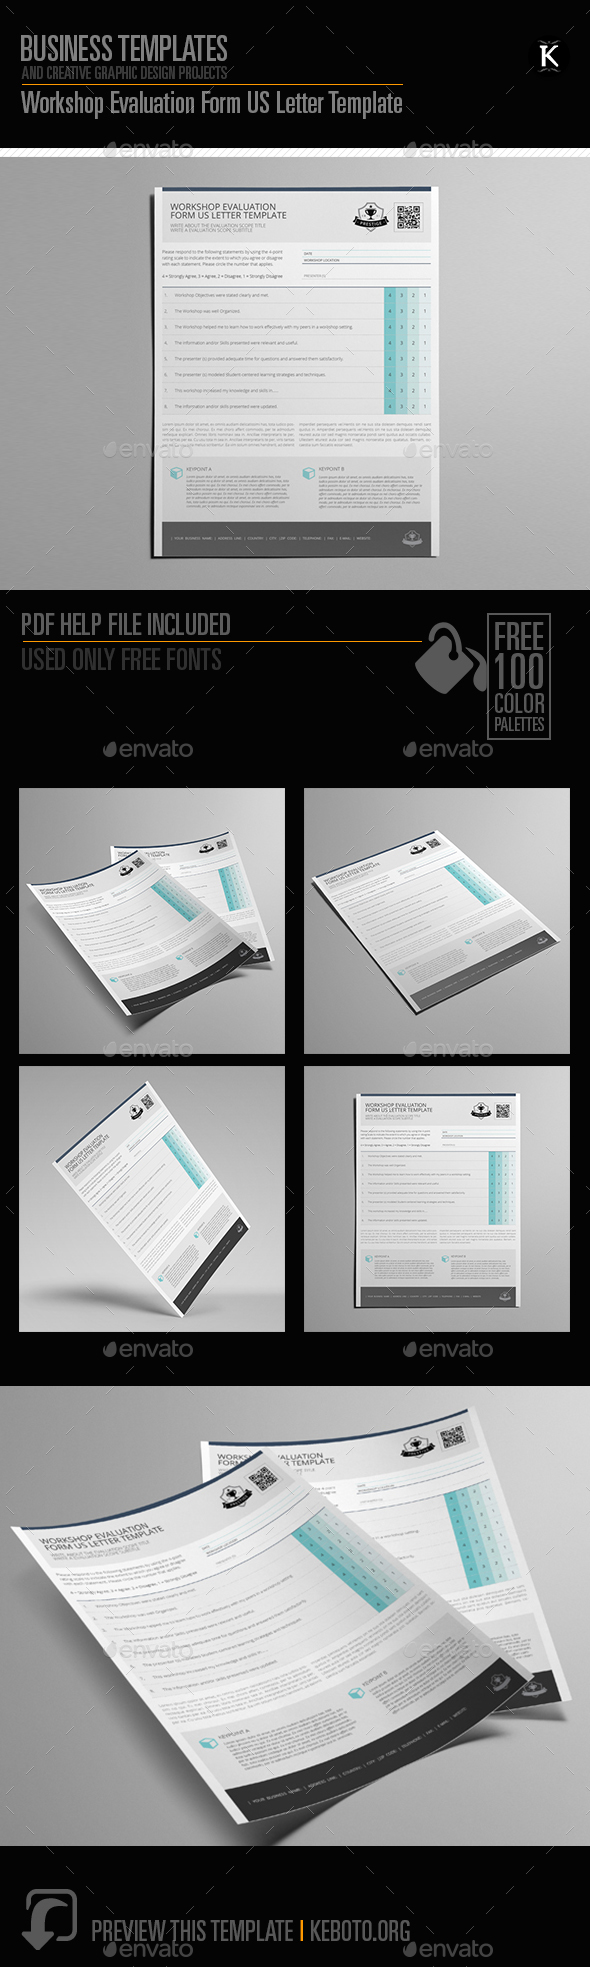 Workshop Evaluation Form US Letter Template - Miscellaneous Print Templates